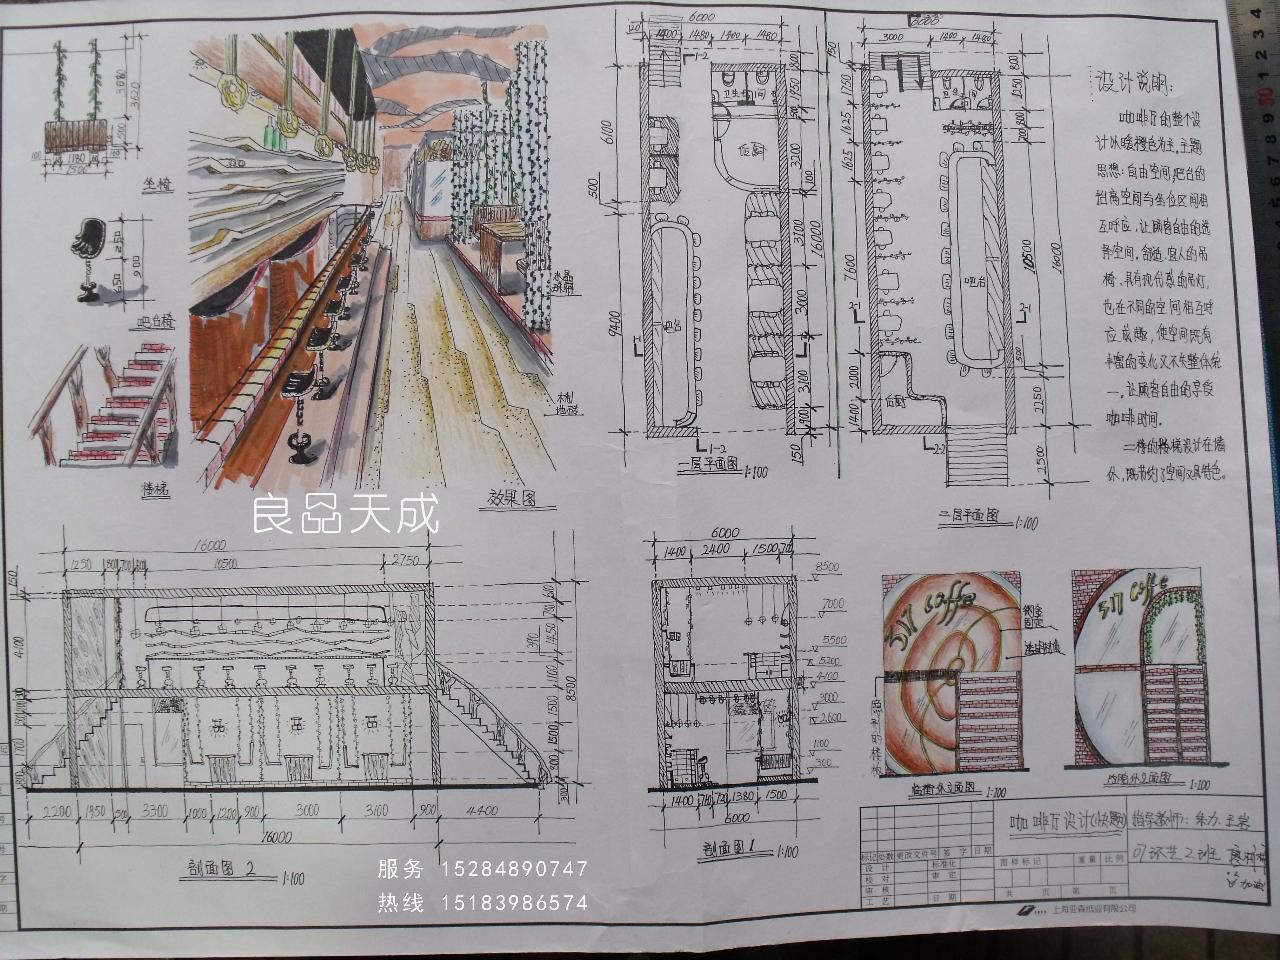 快题设计——咖啡厅,家装手绘效果图,建筑外立面手绘效果图